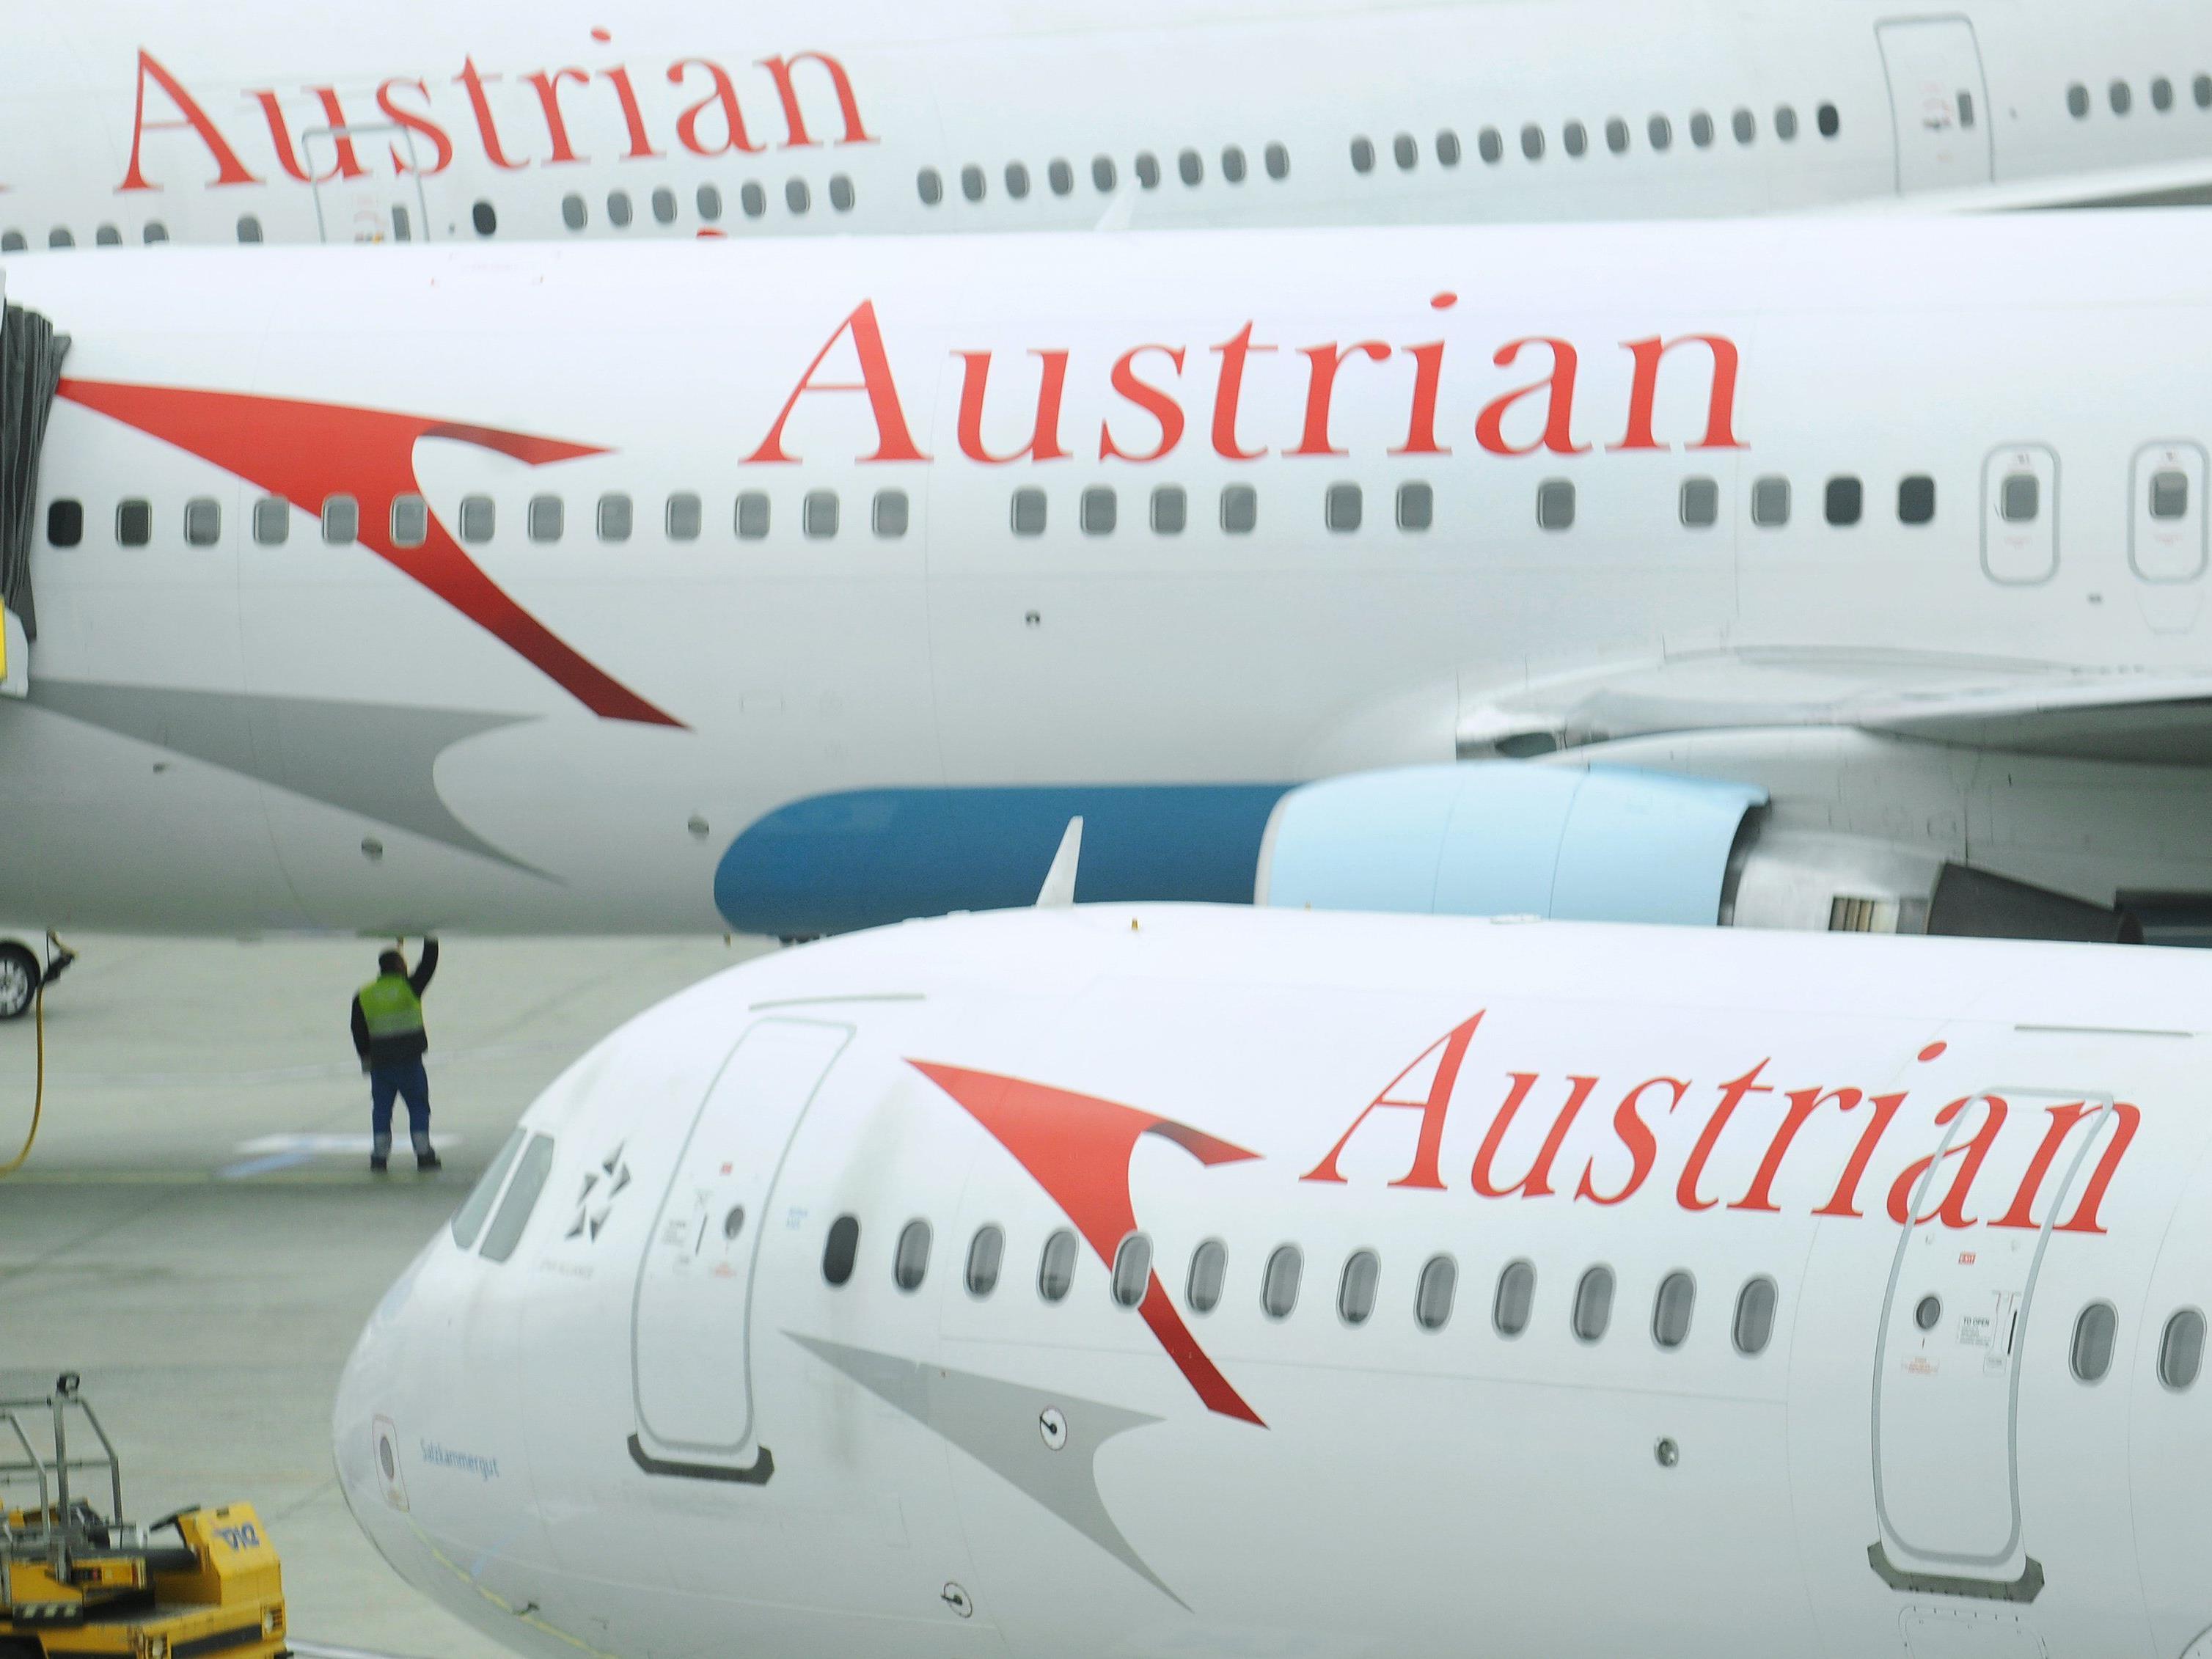 Vier-Augen-Prinzip im Cockpit heimischer Airlines